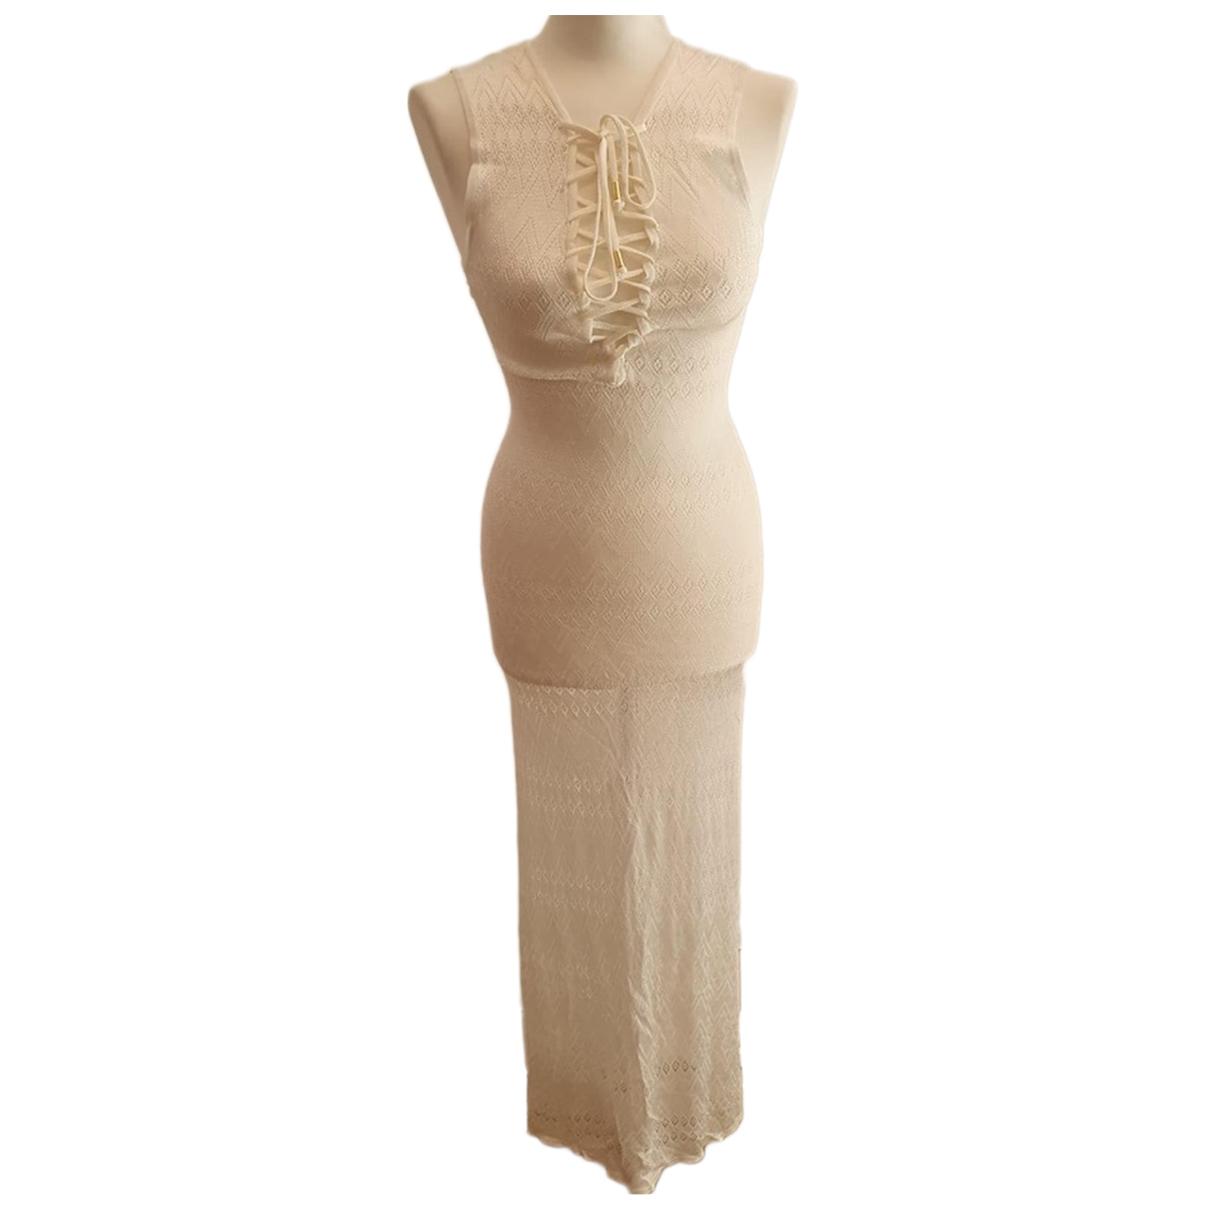 Melissa Odabash \N White dress for Women S International